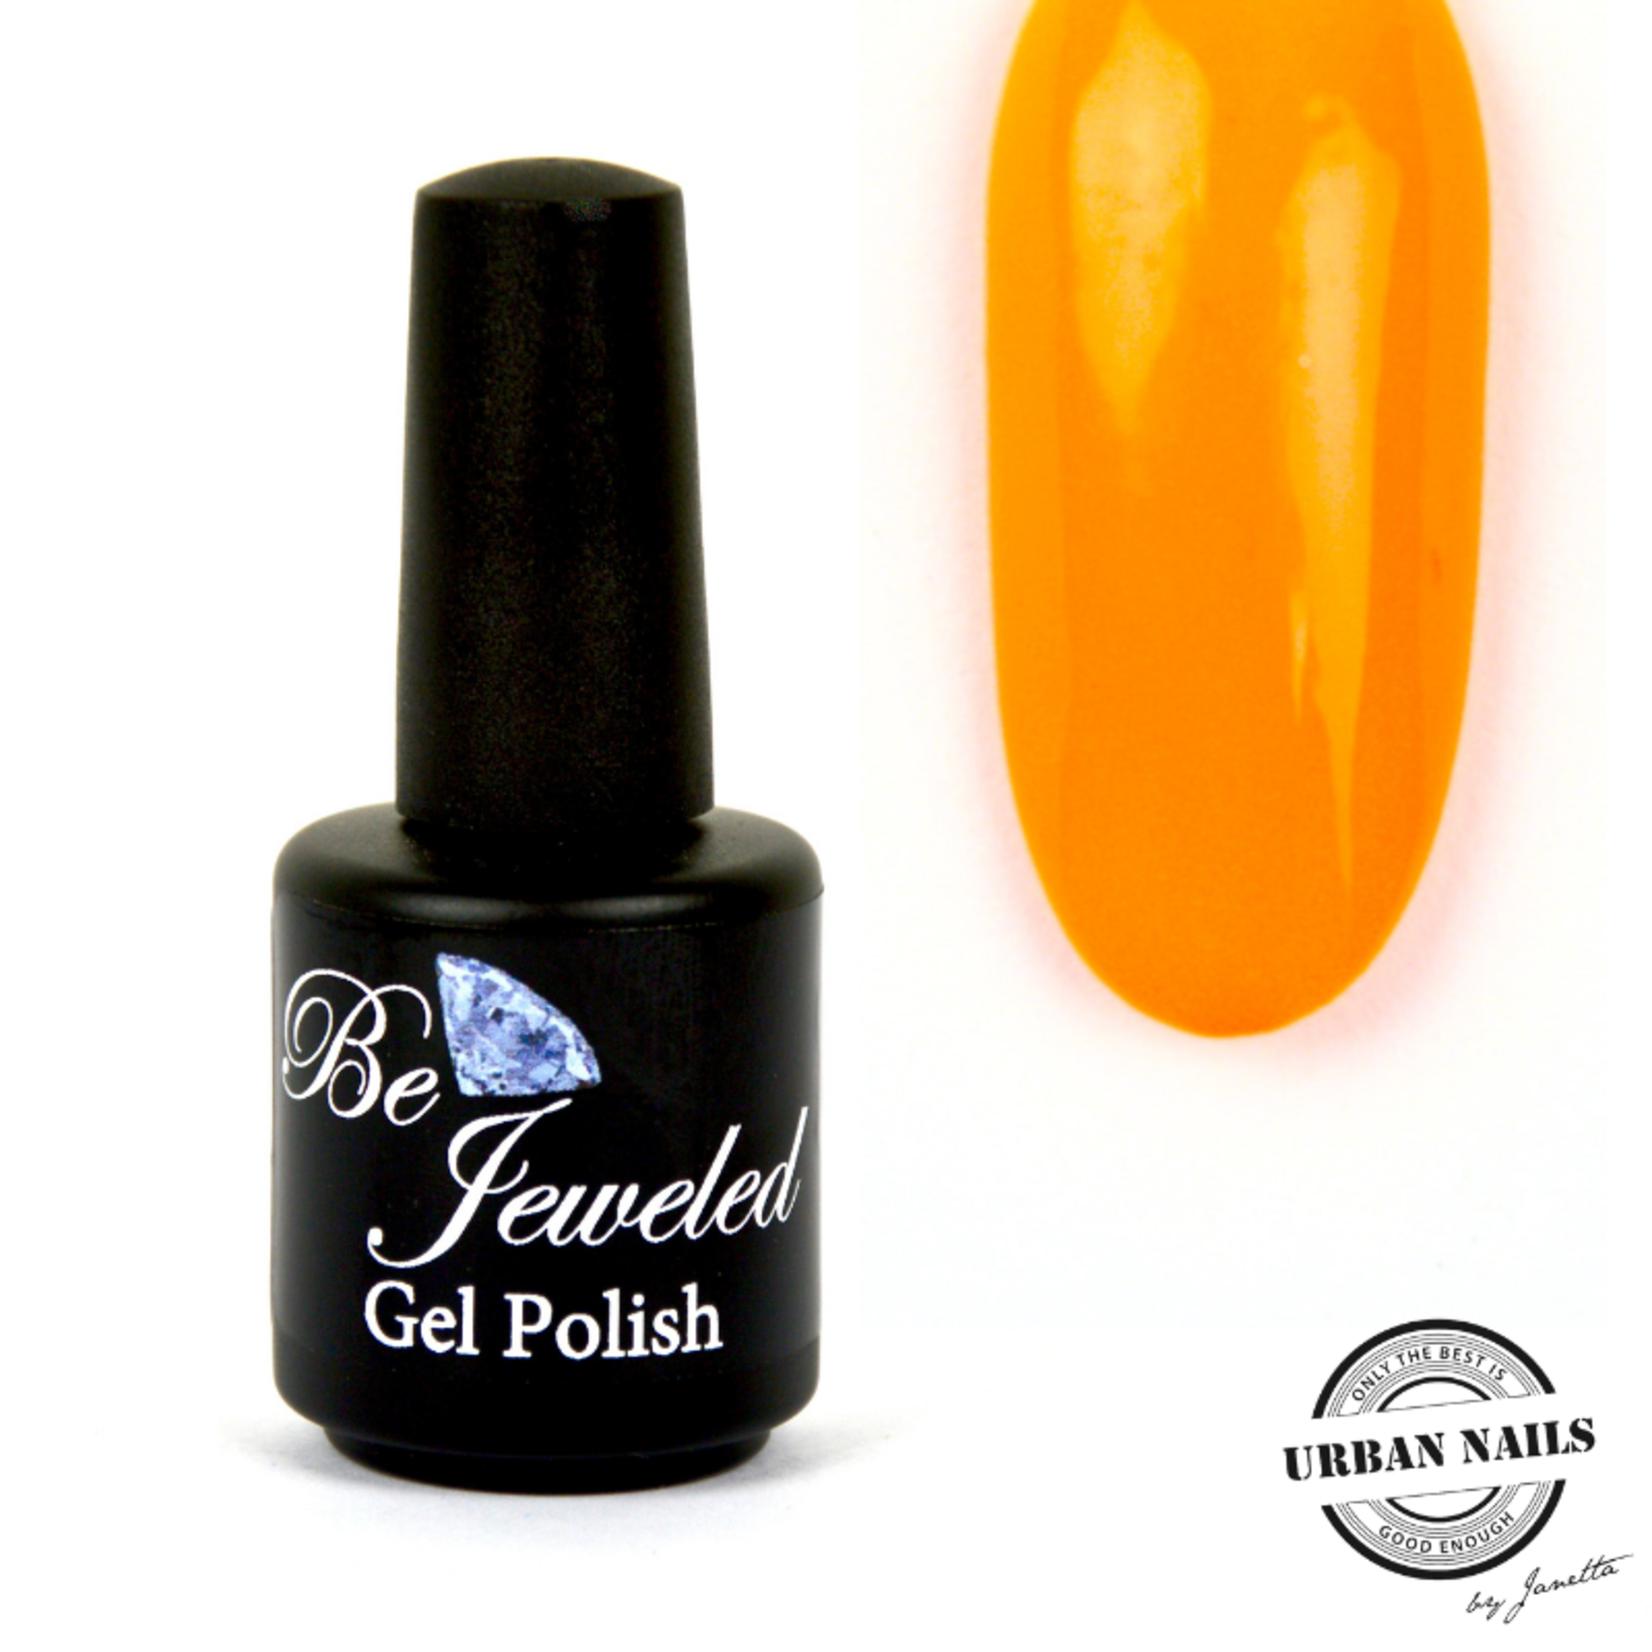 Urban Nails Be Jeweled Gelpolish 78 Neon Geel Oranje